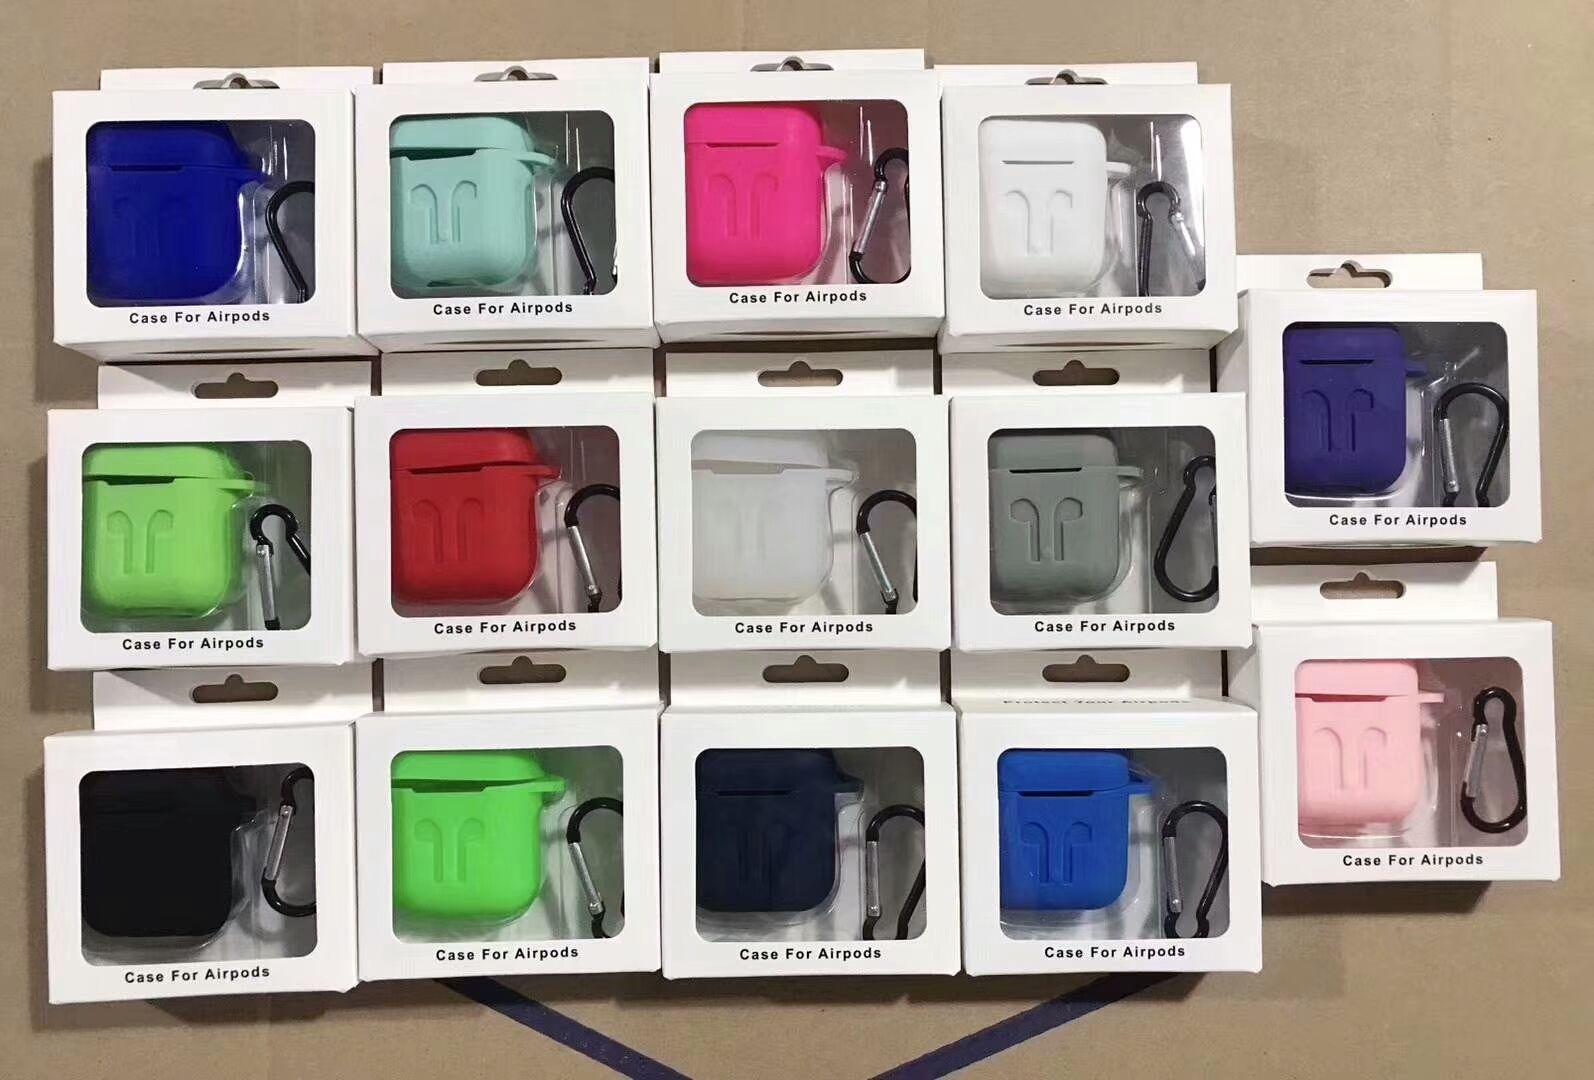 Pour Apple Airpods Etuis Silicone Doux Ultra Mince Protecteur Airpod Couverture Earpod Etui Anti-goutte Avec Crochet Boîte Au Détail